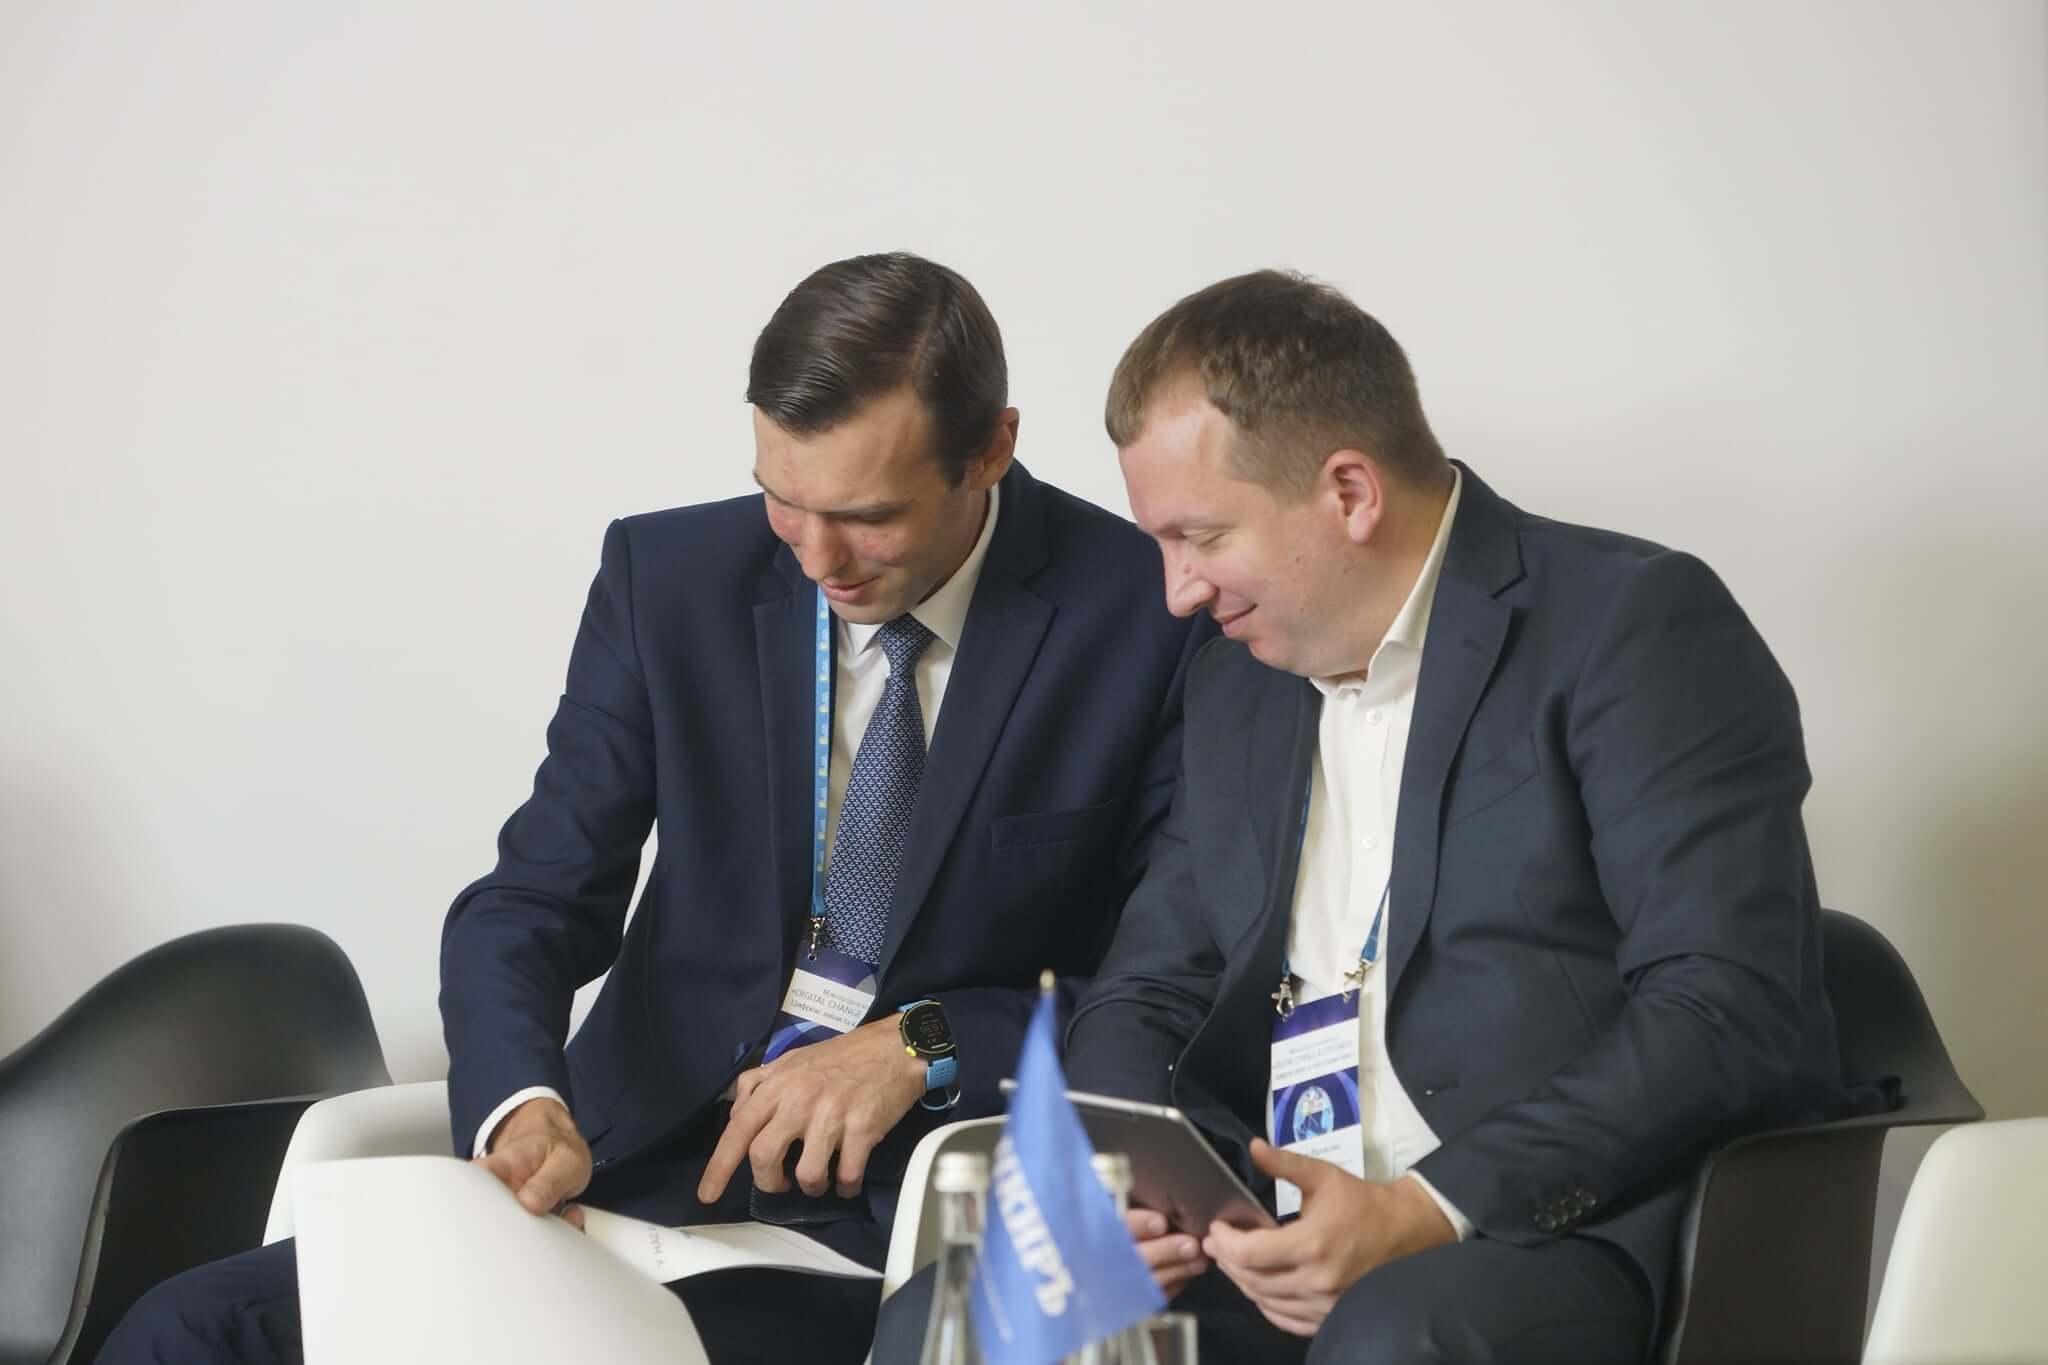 Ілля Климович: «Фінансовим компаніям варто зосередитися на «клієнтському досвіді»